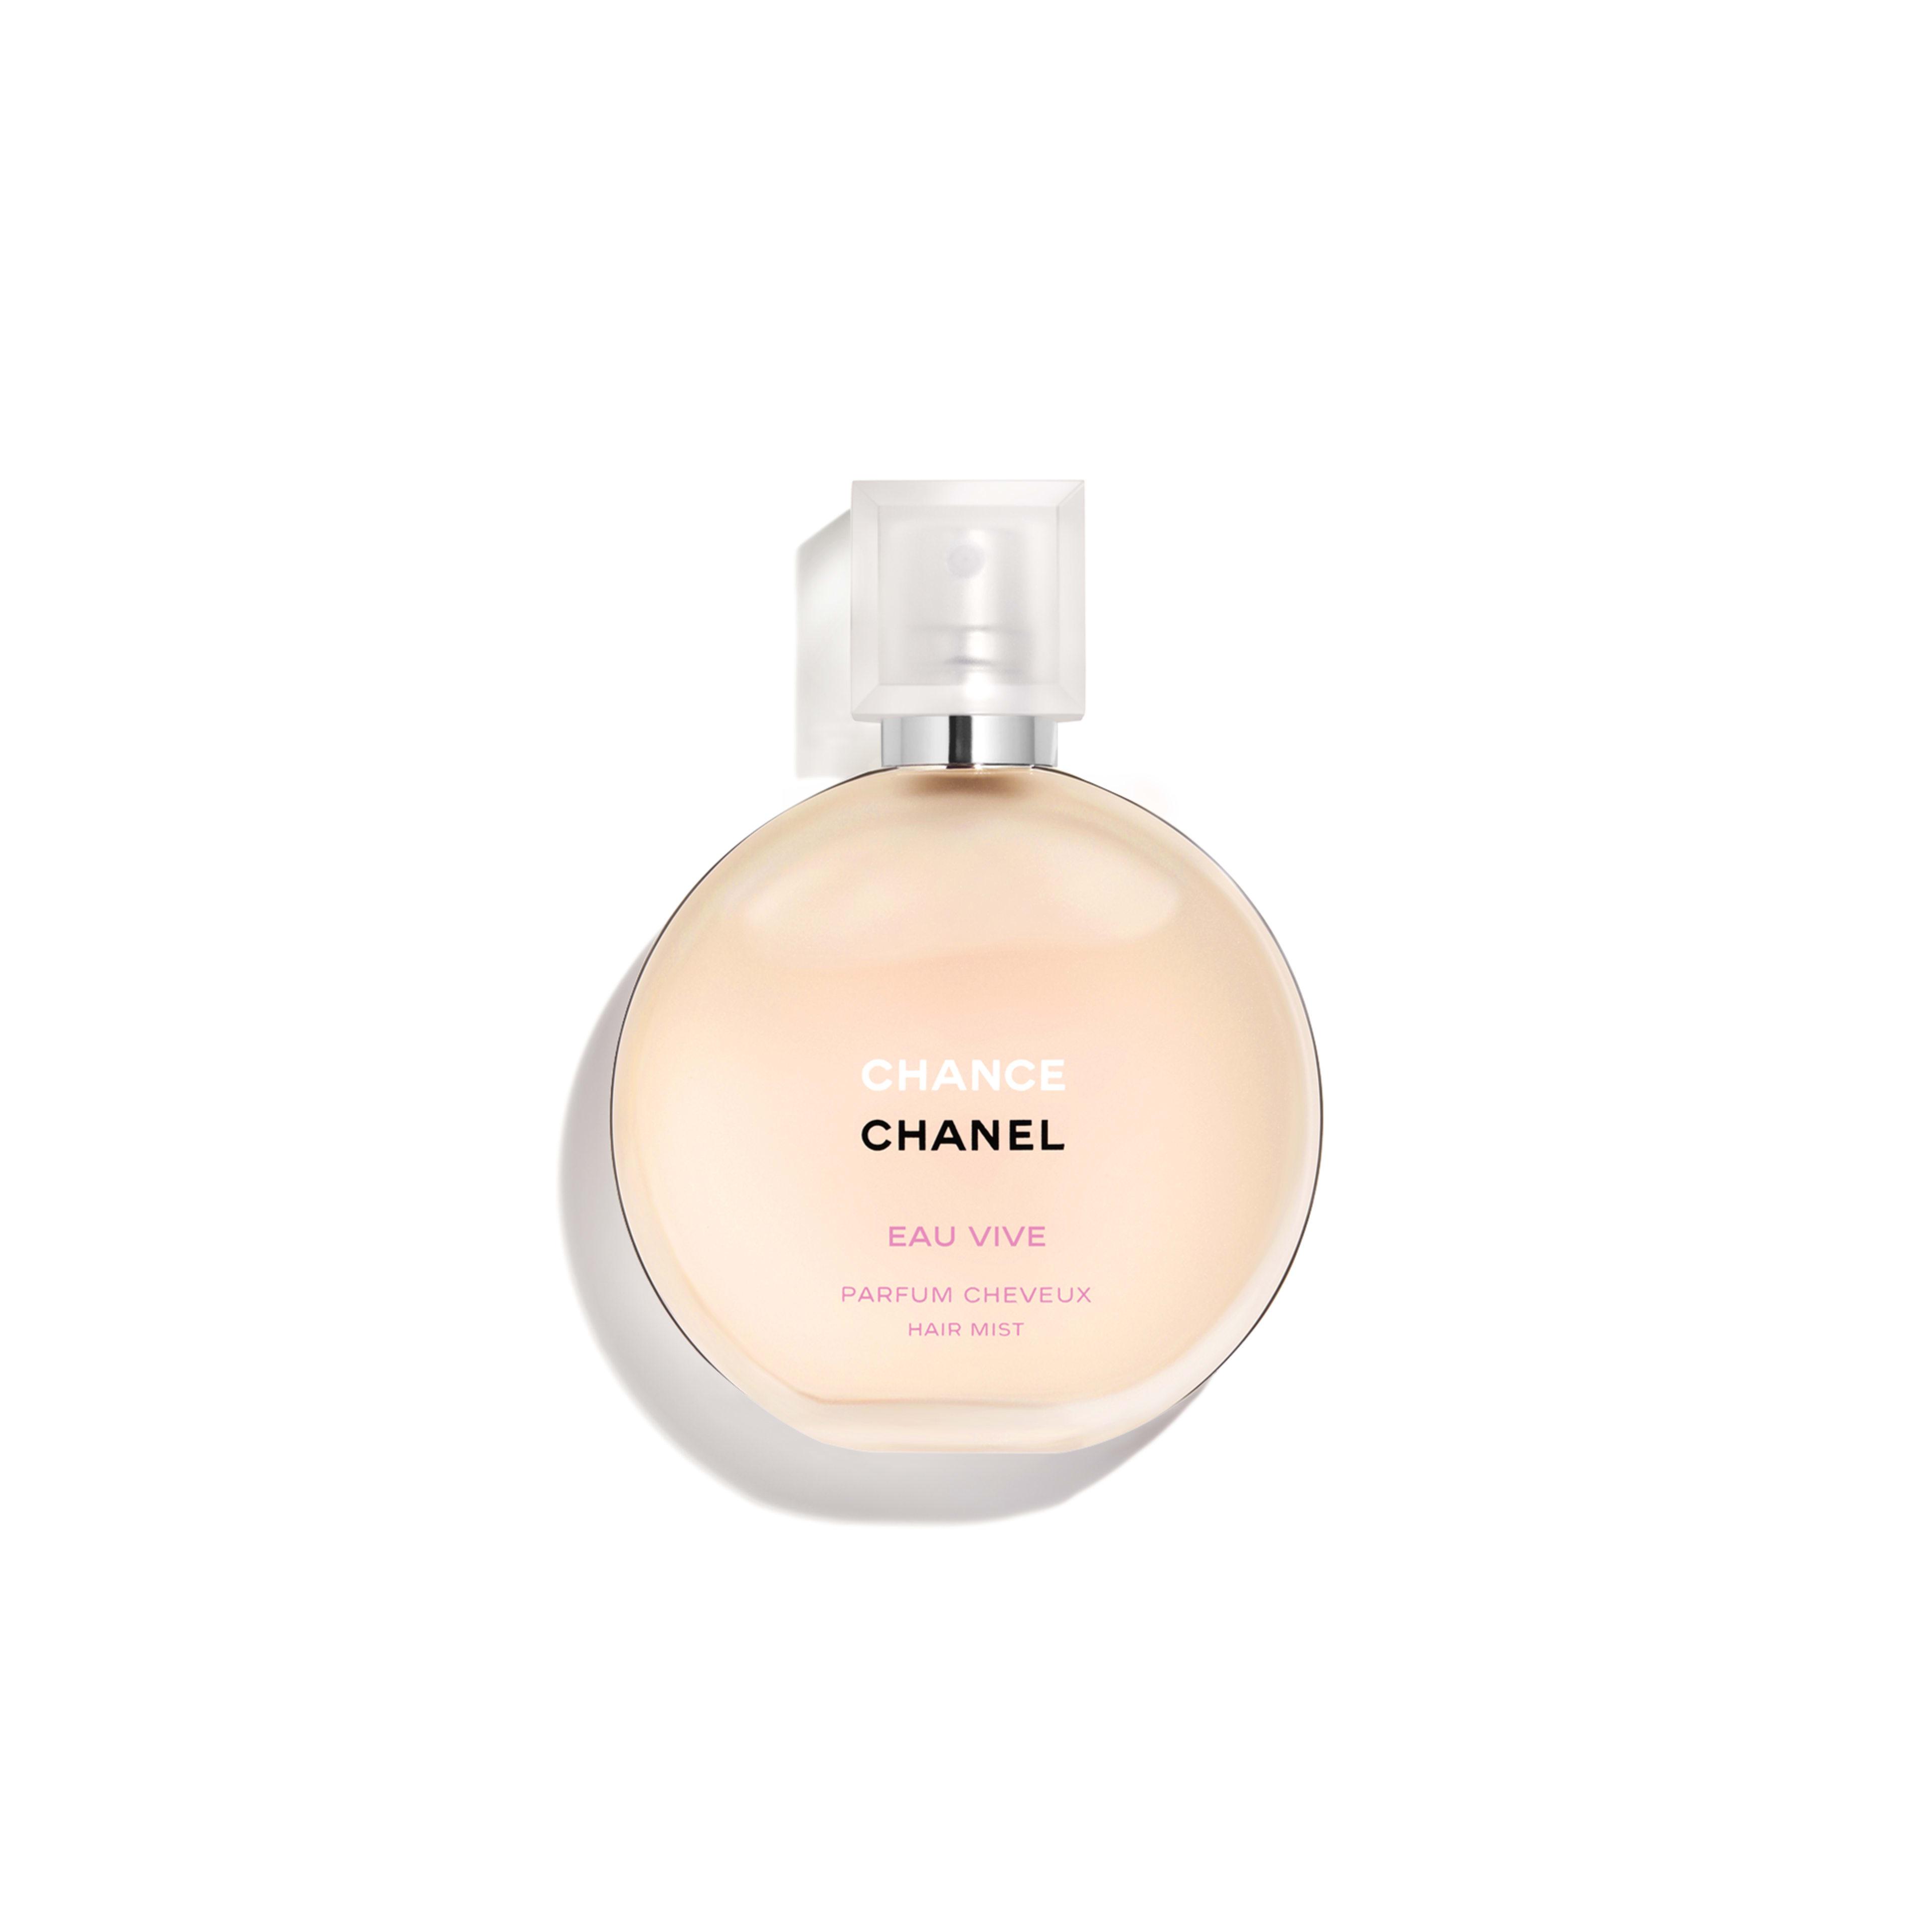 CHANCE EAU VIVE - fragrance - 35ml - Default view